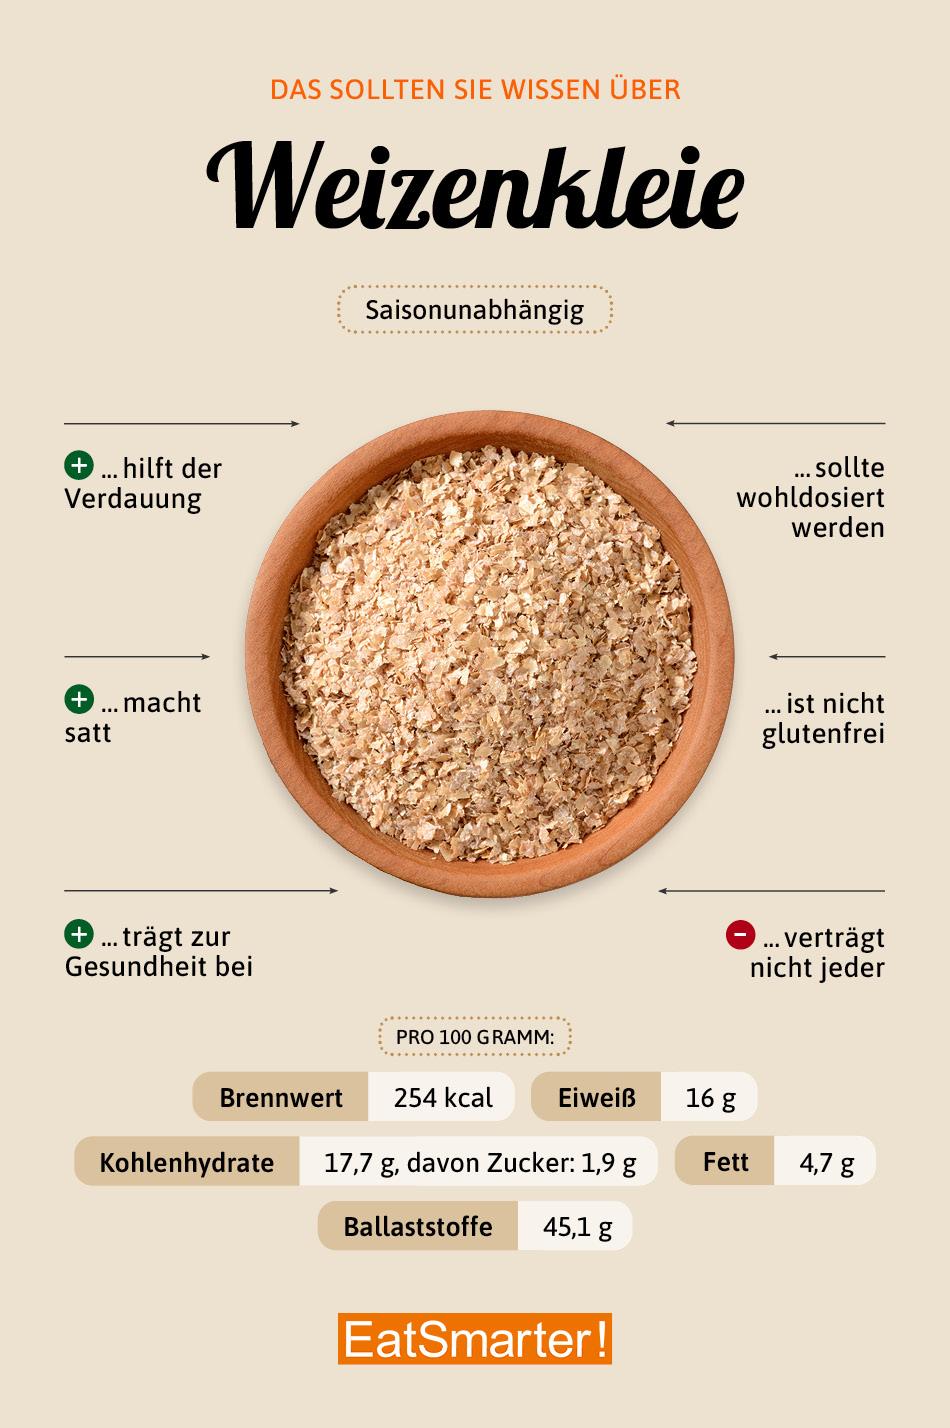 Weizenkleie Warenkunde